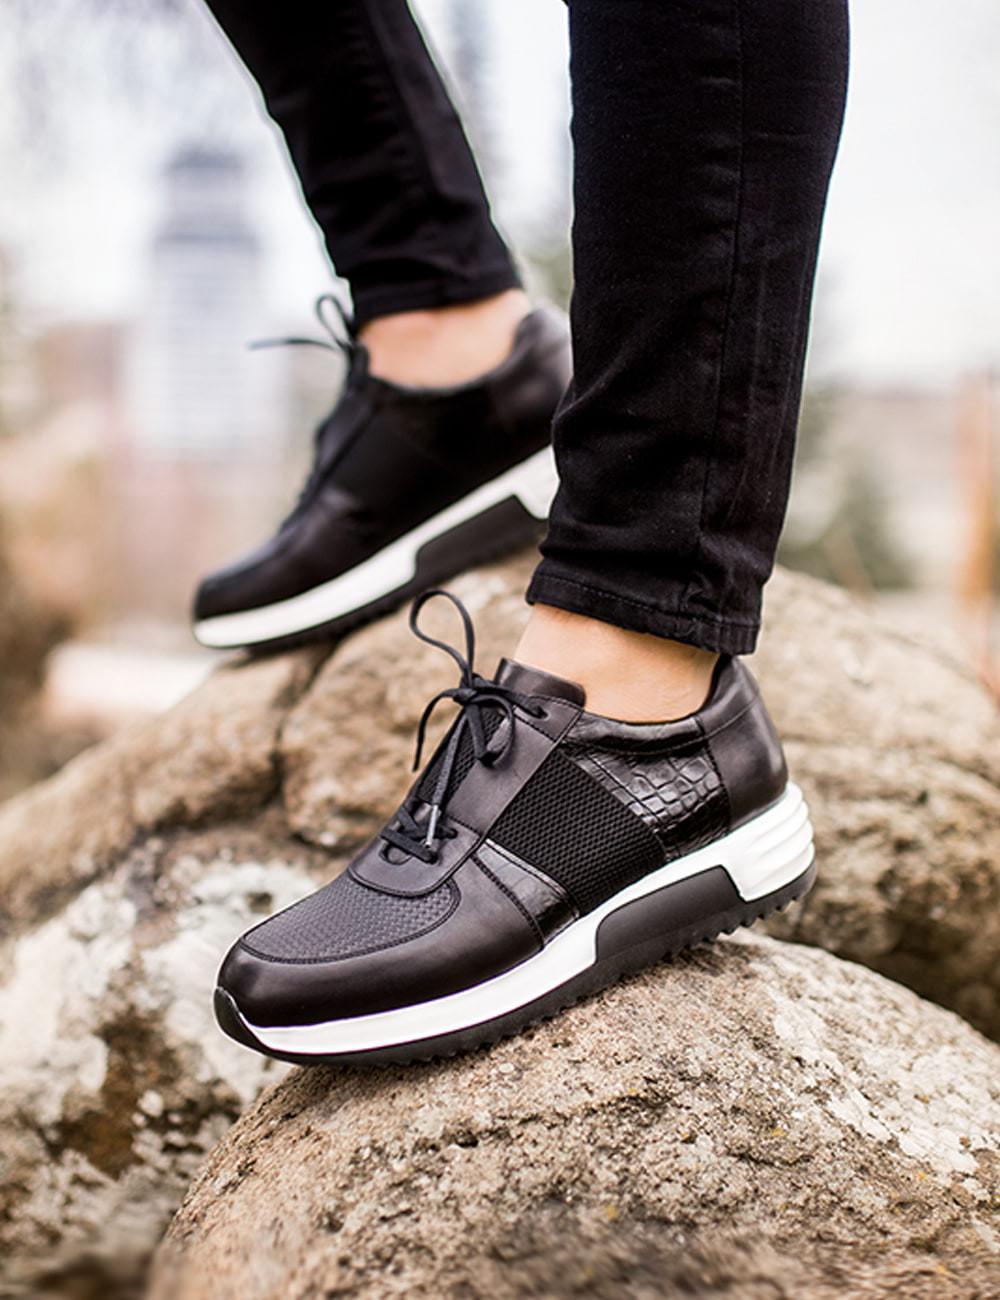 Hakiki Deri Siyah Özel Üretim Spor Erkek Ayakkabı - 01693MSYHE01